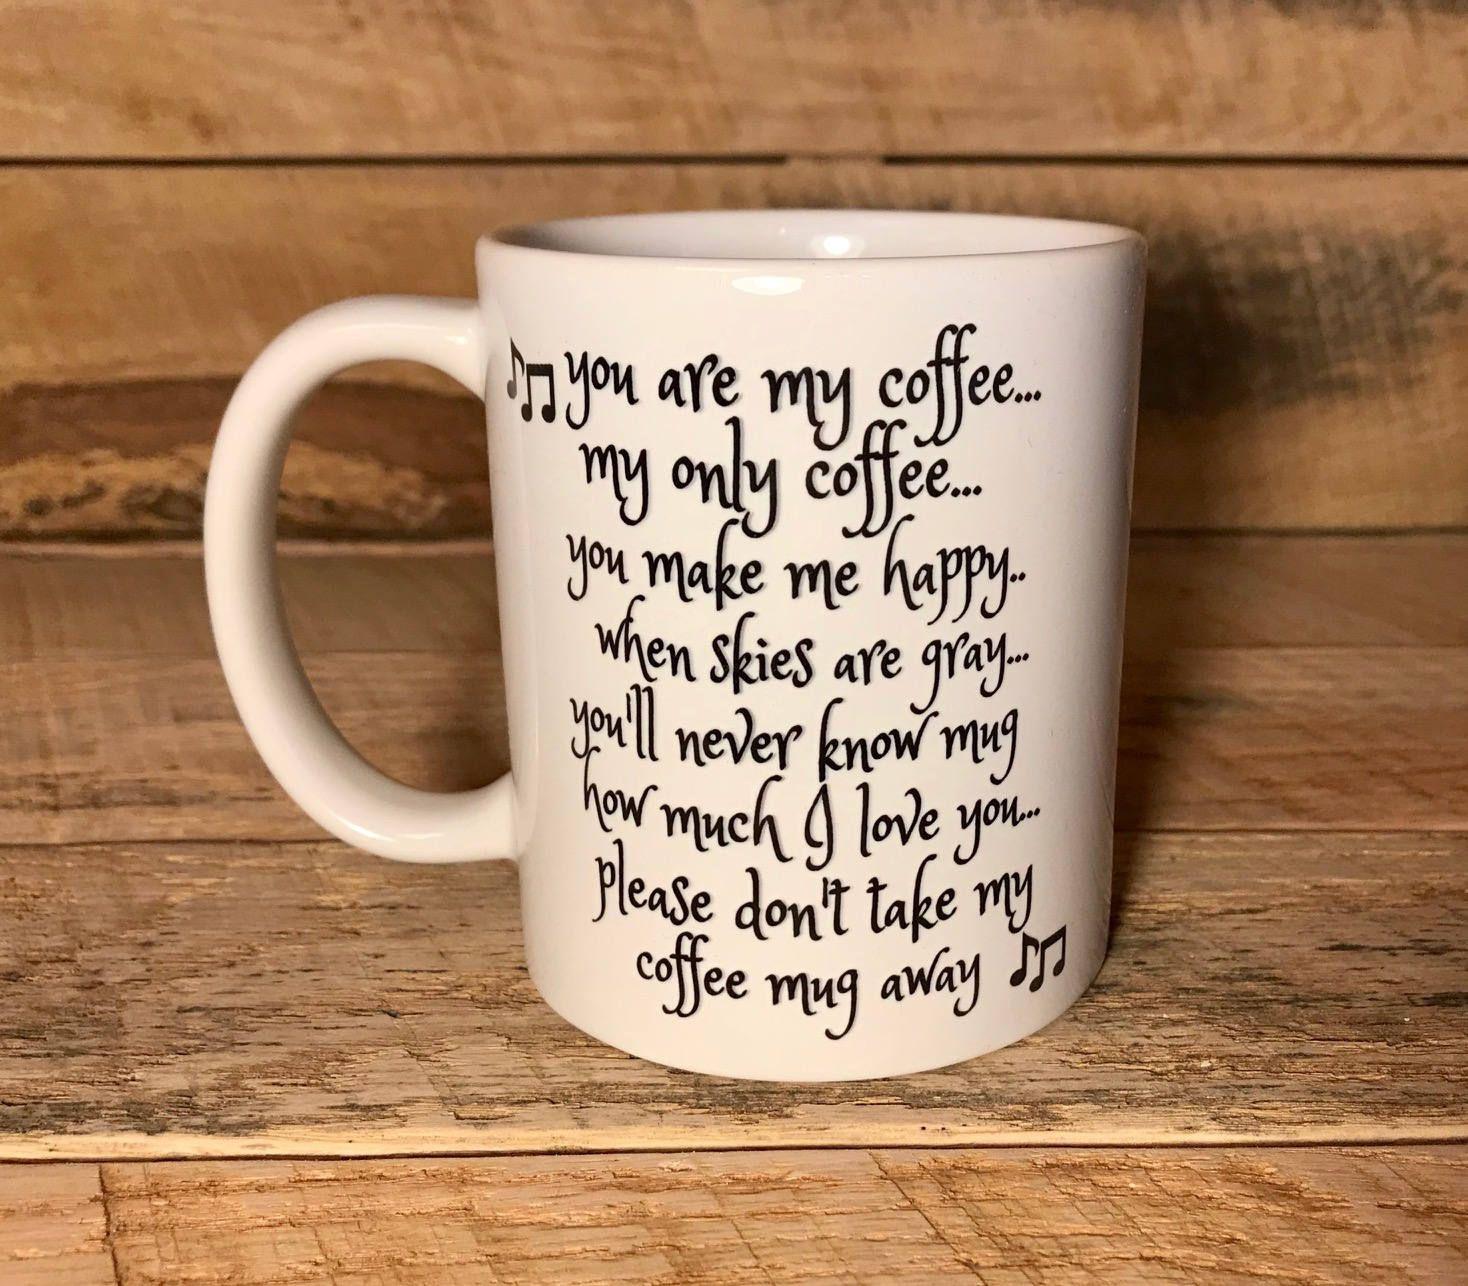 Funny Coffee Mug Funny Mugs Mugs With Sayings Coffee Lover Mug Coffee Cups Mug Gift For Mom Mug For Friend Mothers Day Gift Coffee Humor Mugs Funny Coffee Mugs